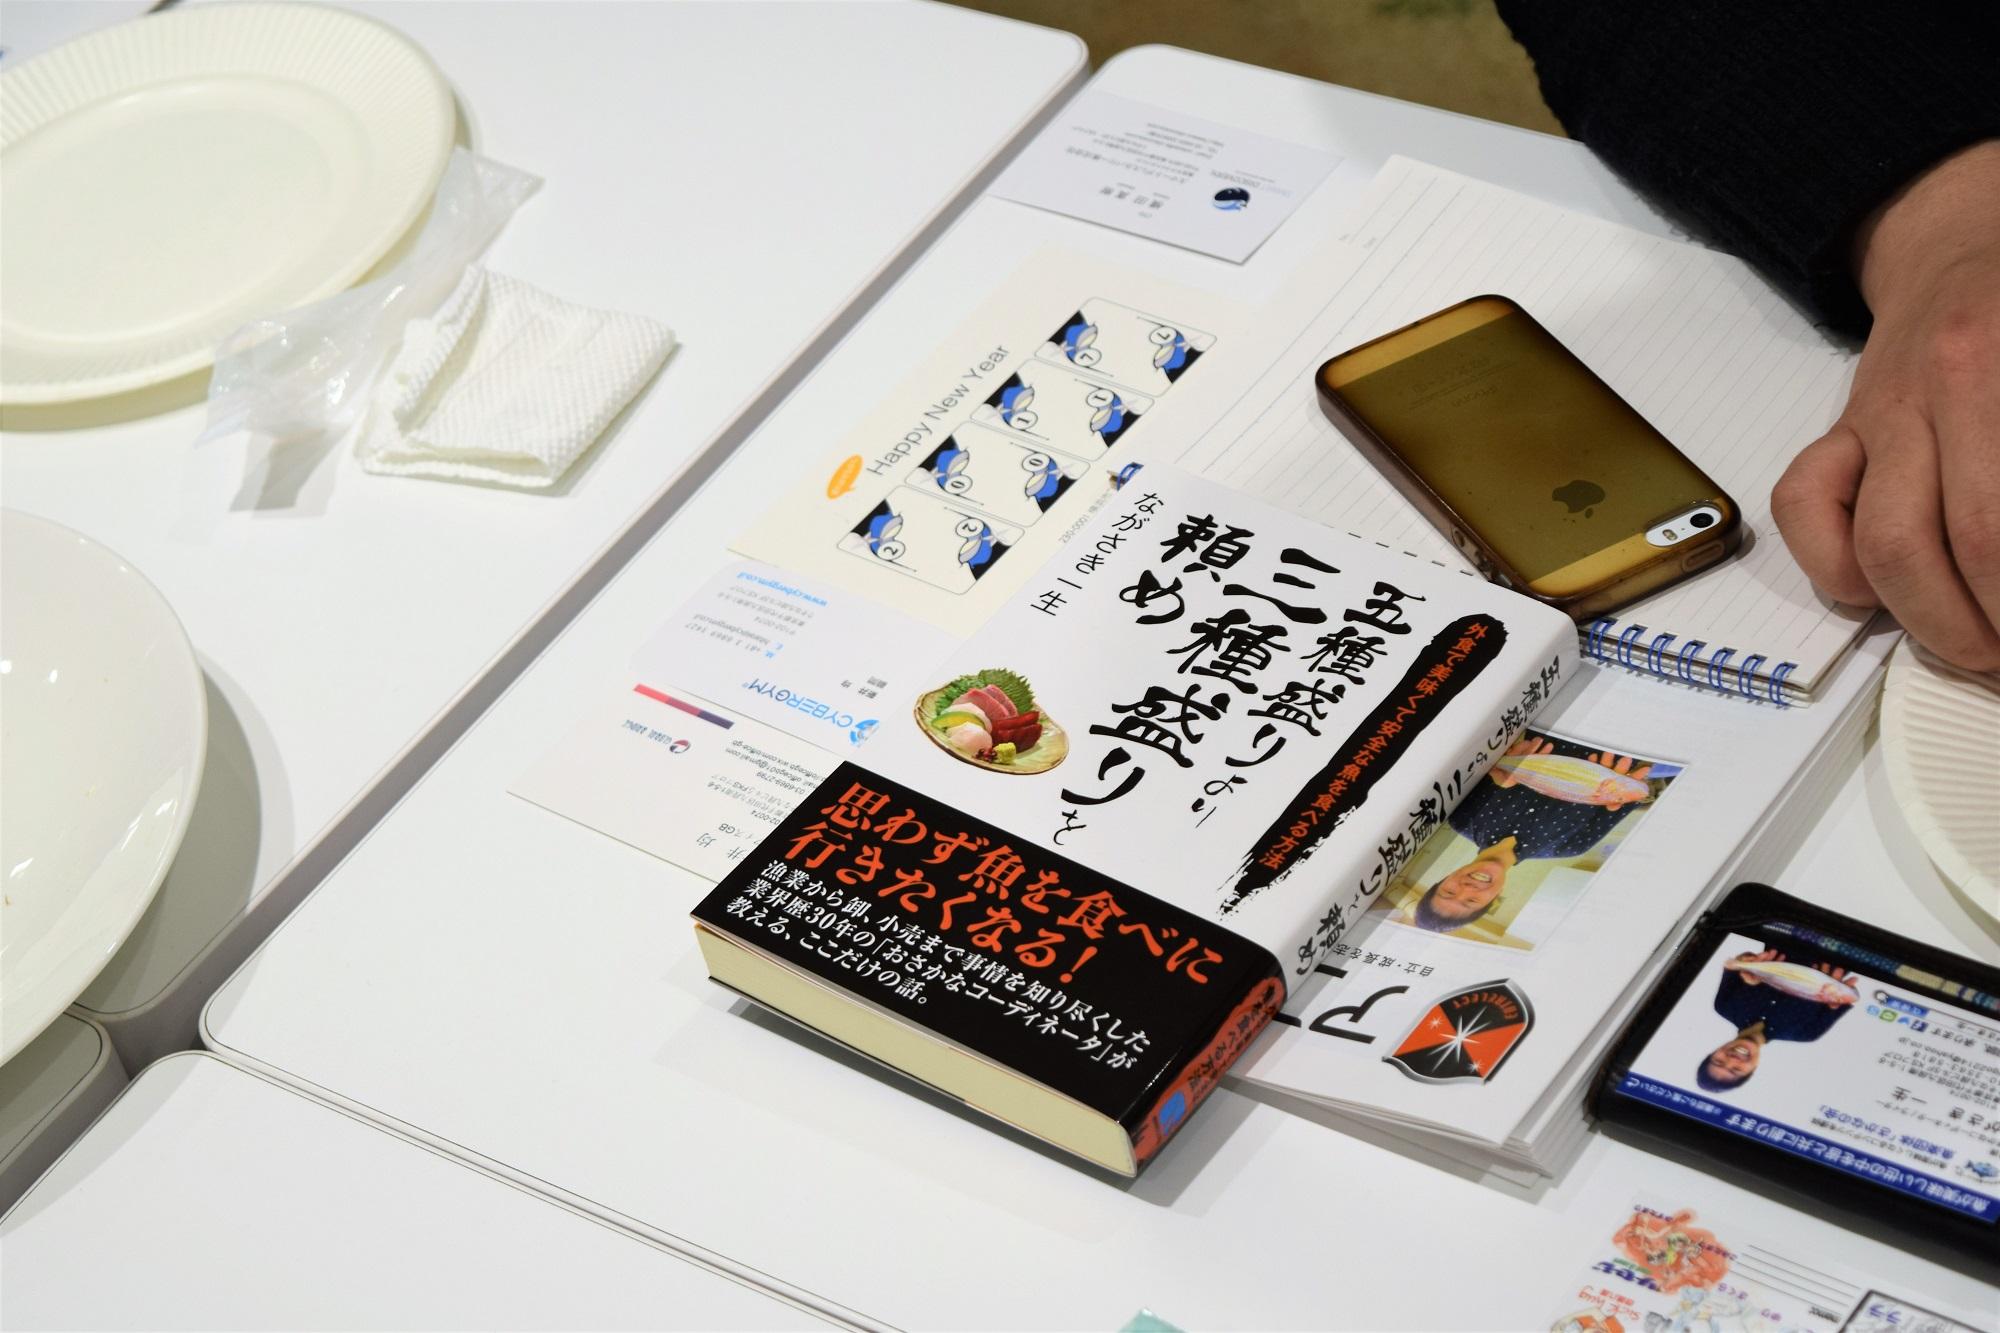 東京 千代田区 起業家 起業 経営者 社長 交流会 異業種交流会